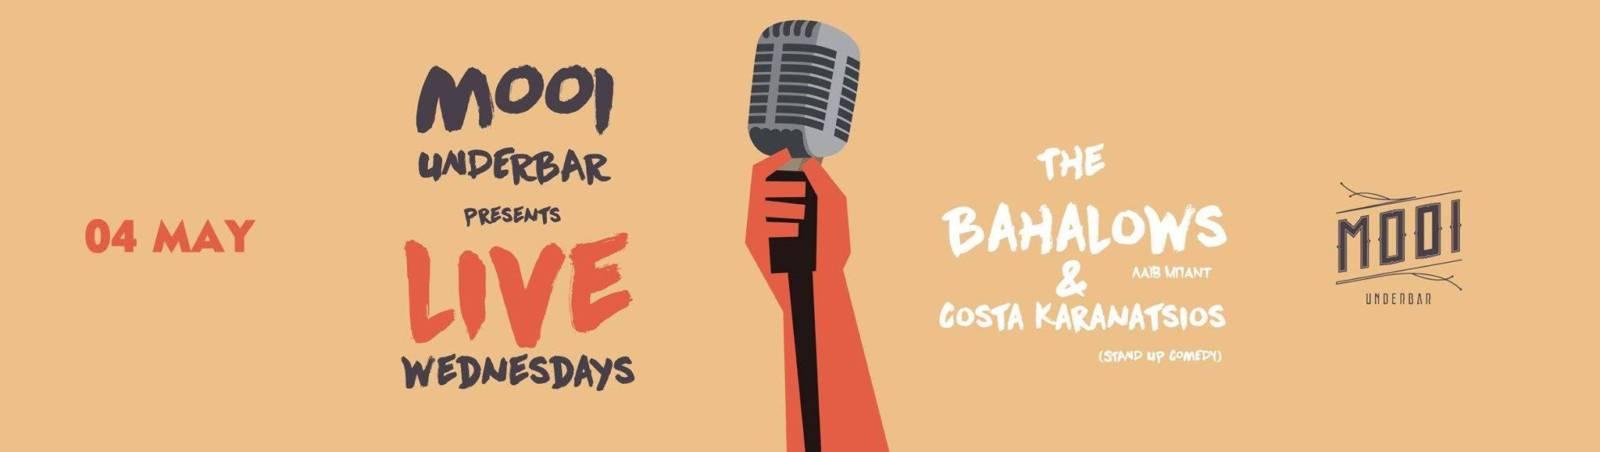 The Bahalows @ Costas Karanatsios live στο Mooi under bar στην Κοζάνη, την Τετάρτη 4 Μαΐου